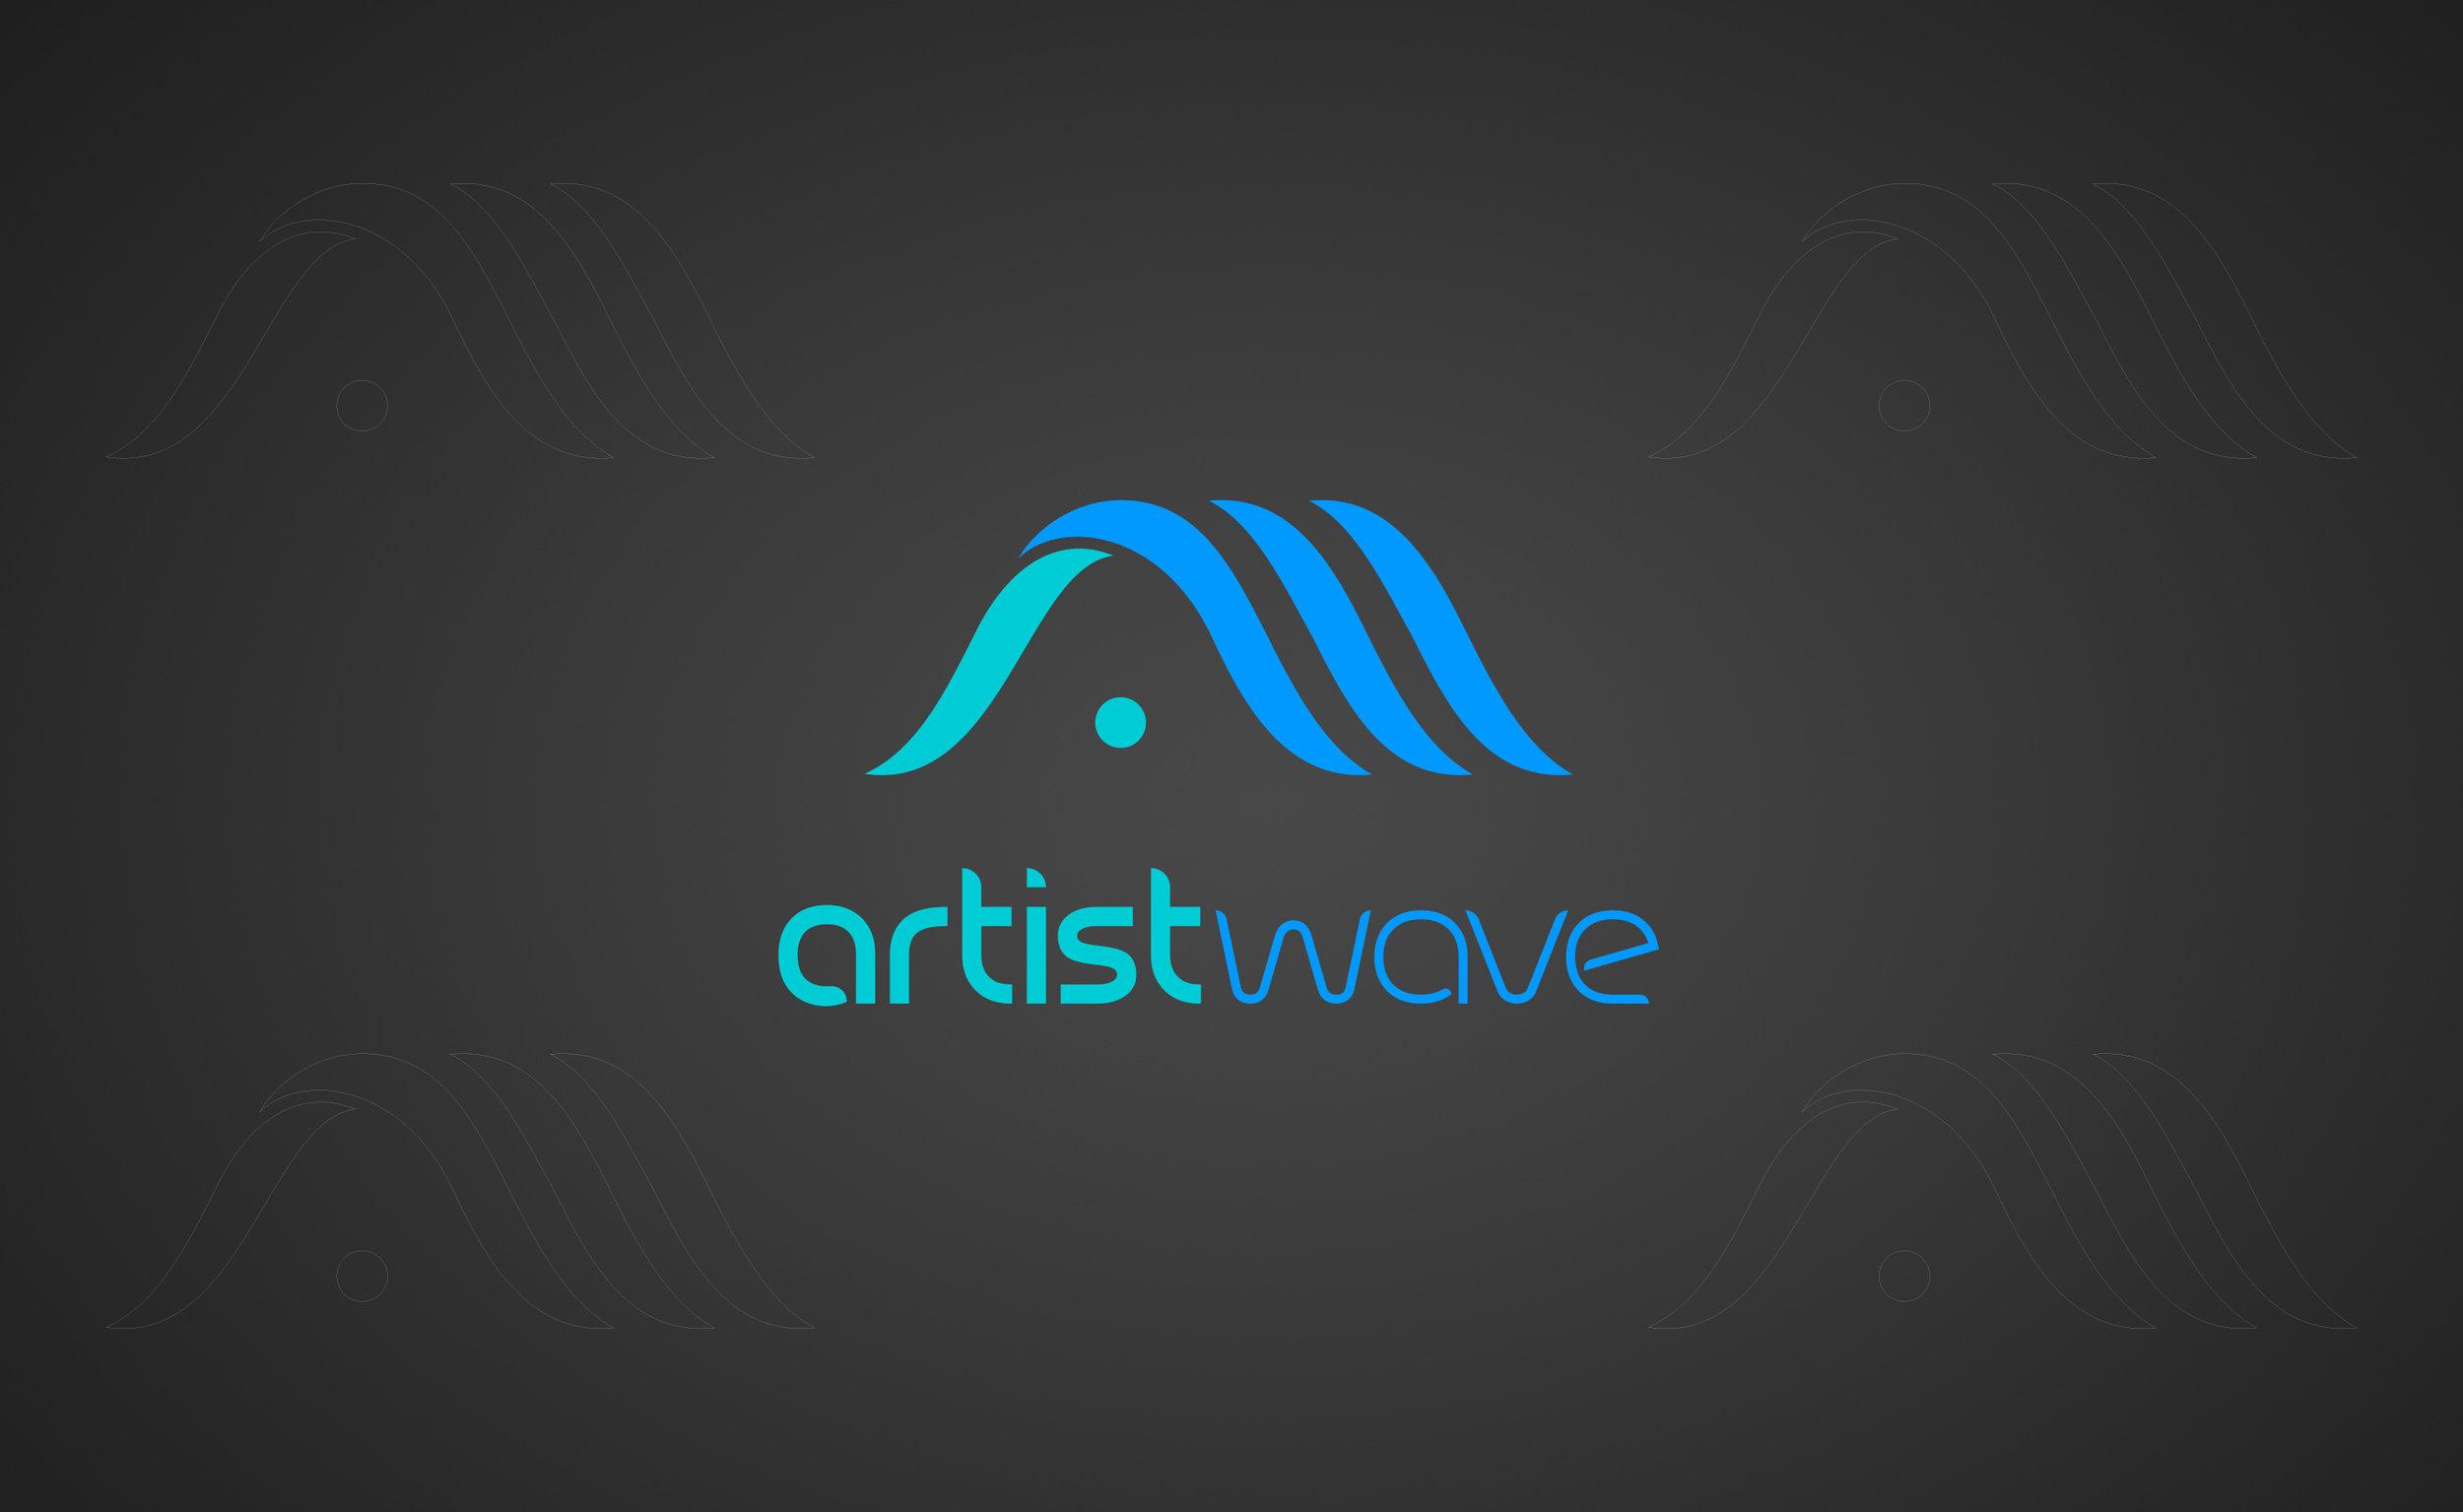 GalleryImage_ArtistWave_2741x1683.jpg